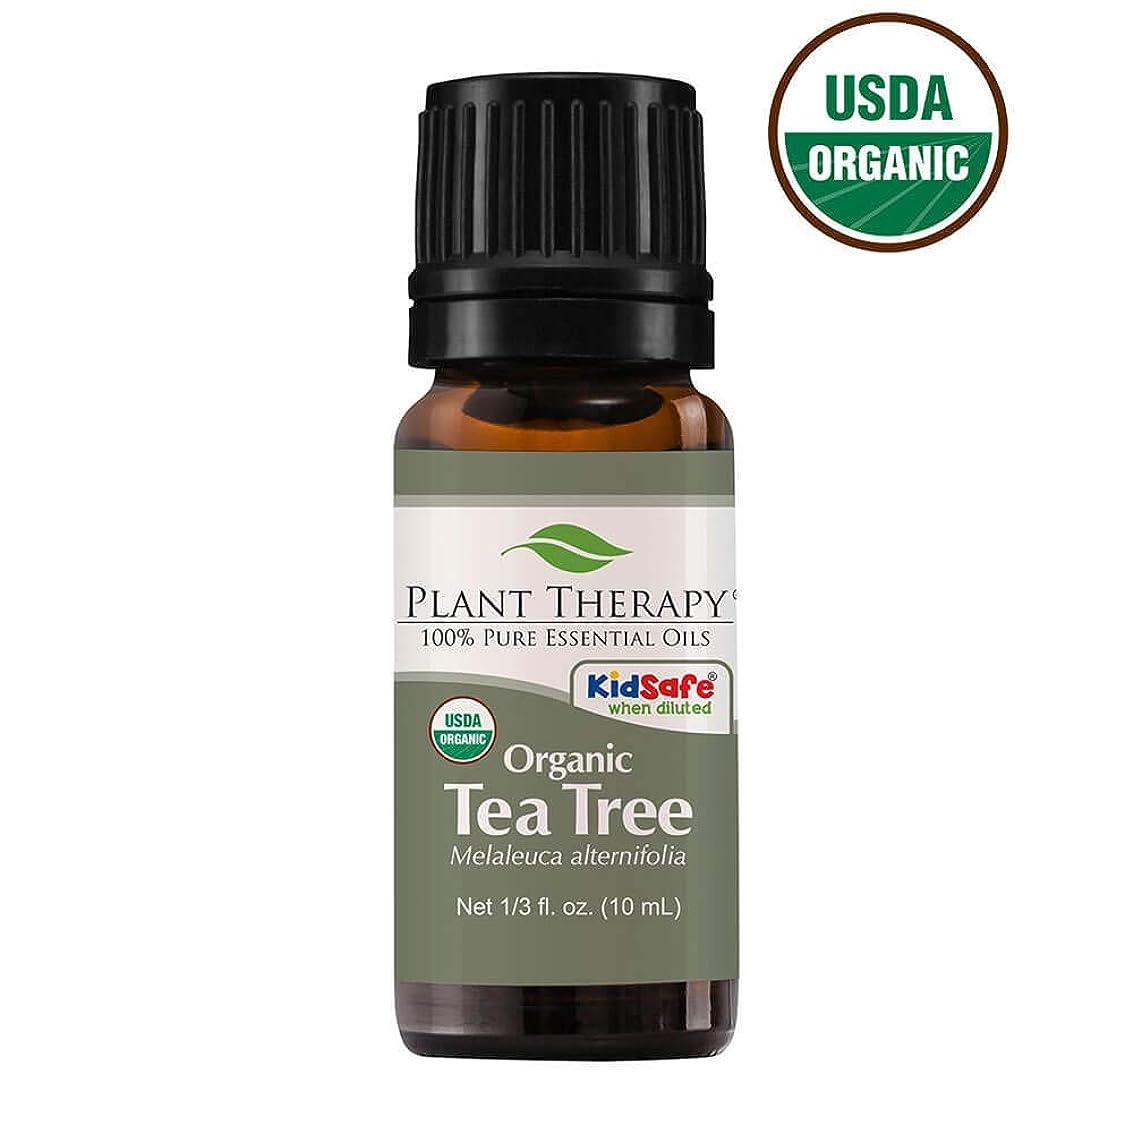 キリスト警察署終わったPlant Therapy Essential Oils (プラントセラピー エッセンシャルオイル) オーガニック ティーツリー (メラルーカ) エッセンシャルオイル